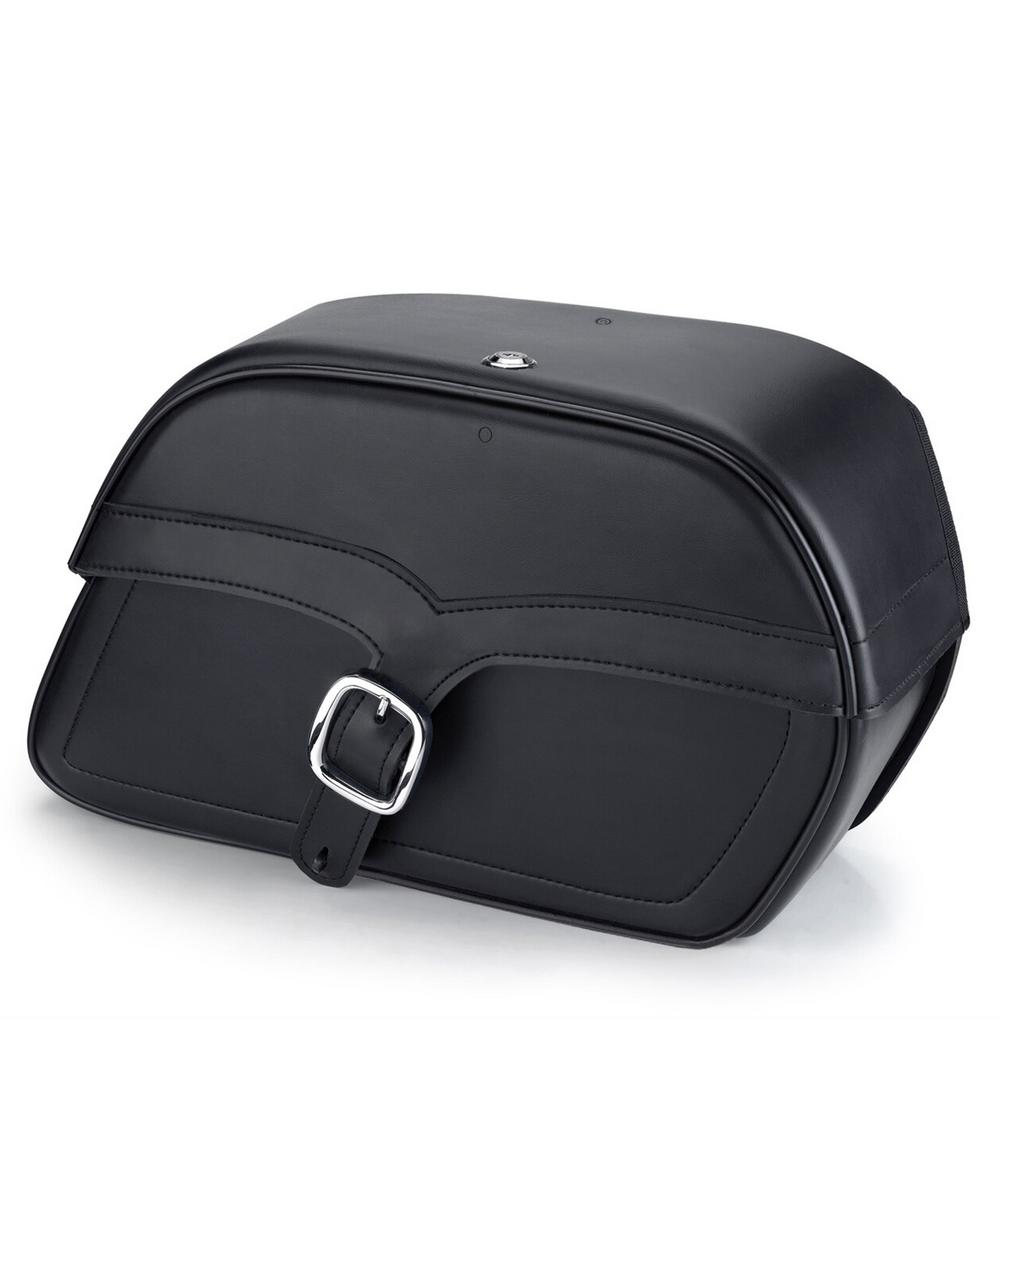 Honda 750 Shadow Aero Charger Single Strap Medium Motorcycle Saddlebags Main Bag View